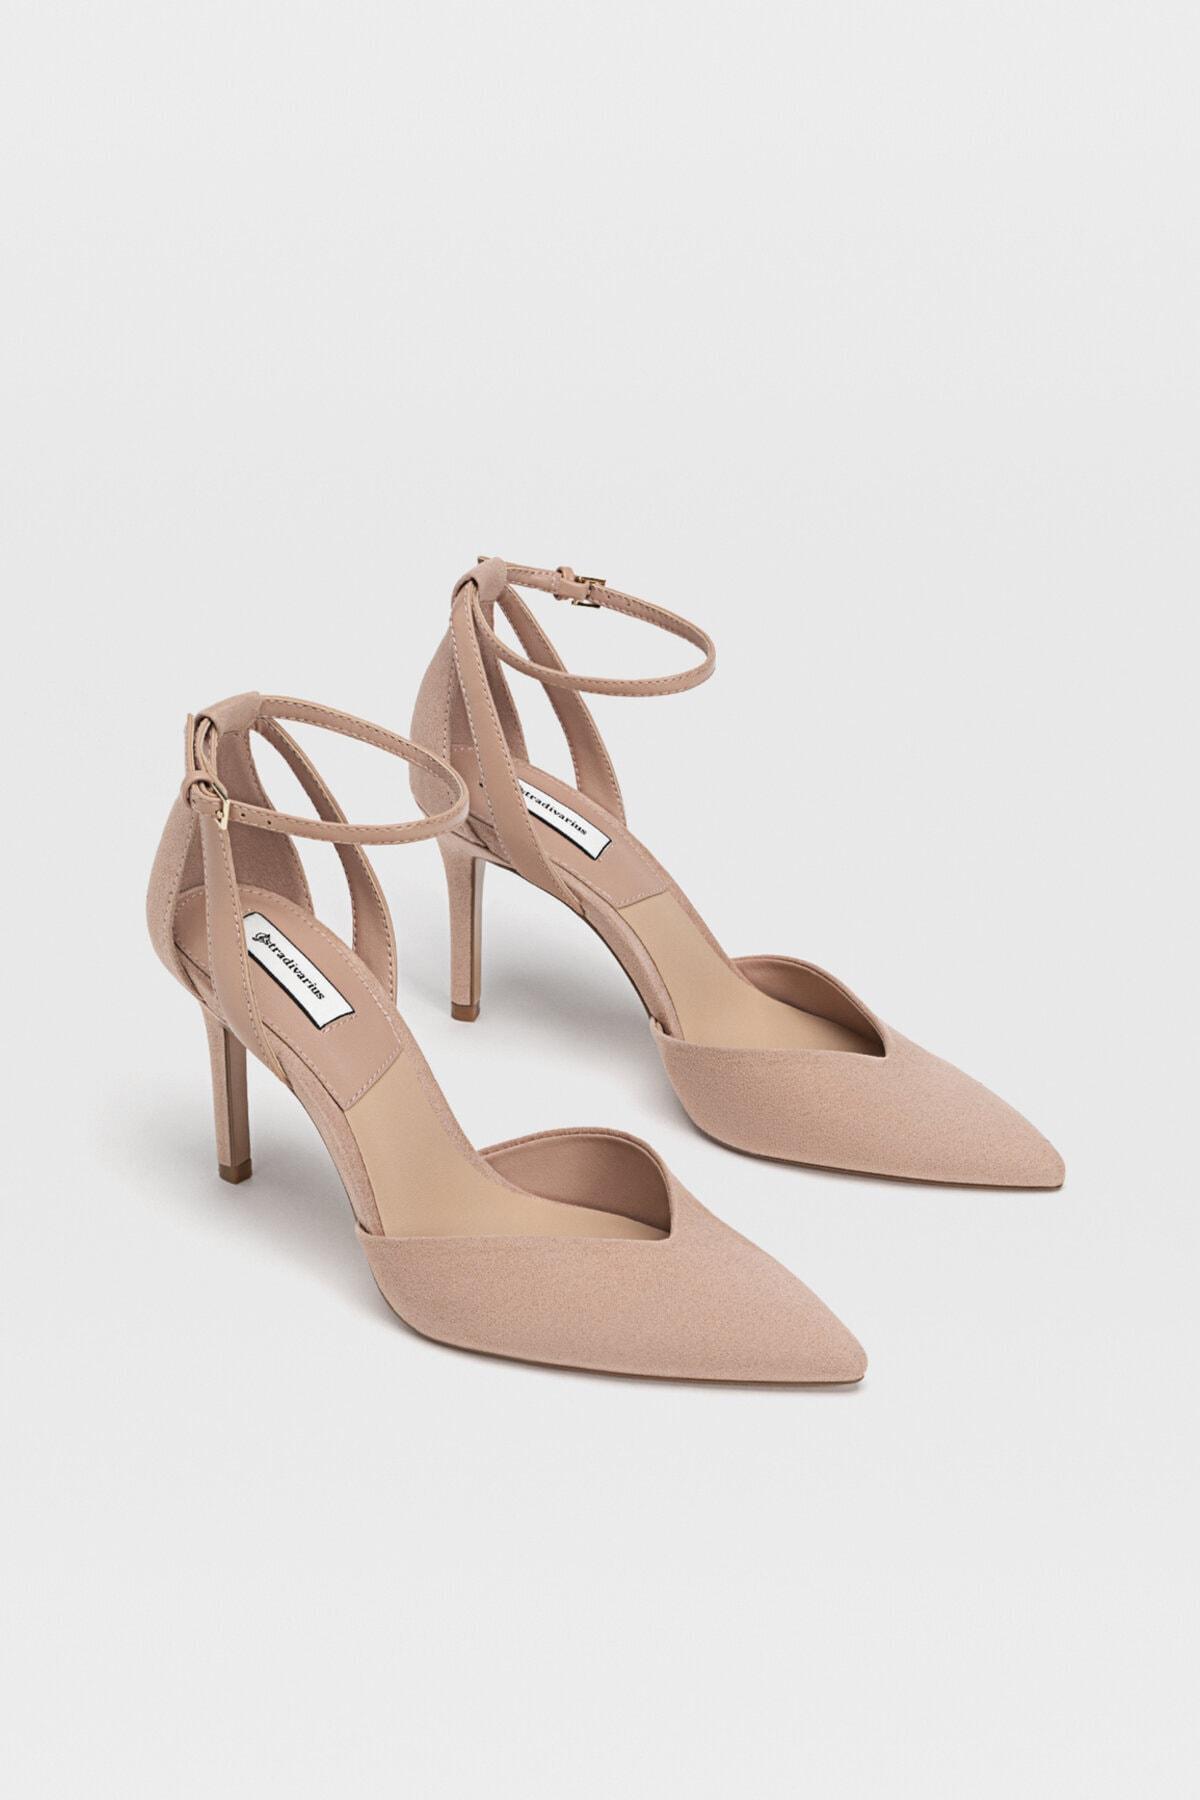 Stradivarius Kadın Pudra Bilekten Bantlı Yüksek Topuklu Ayakkabı 19153770 1